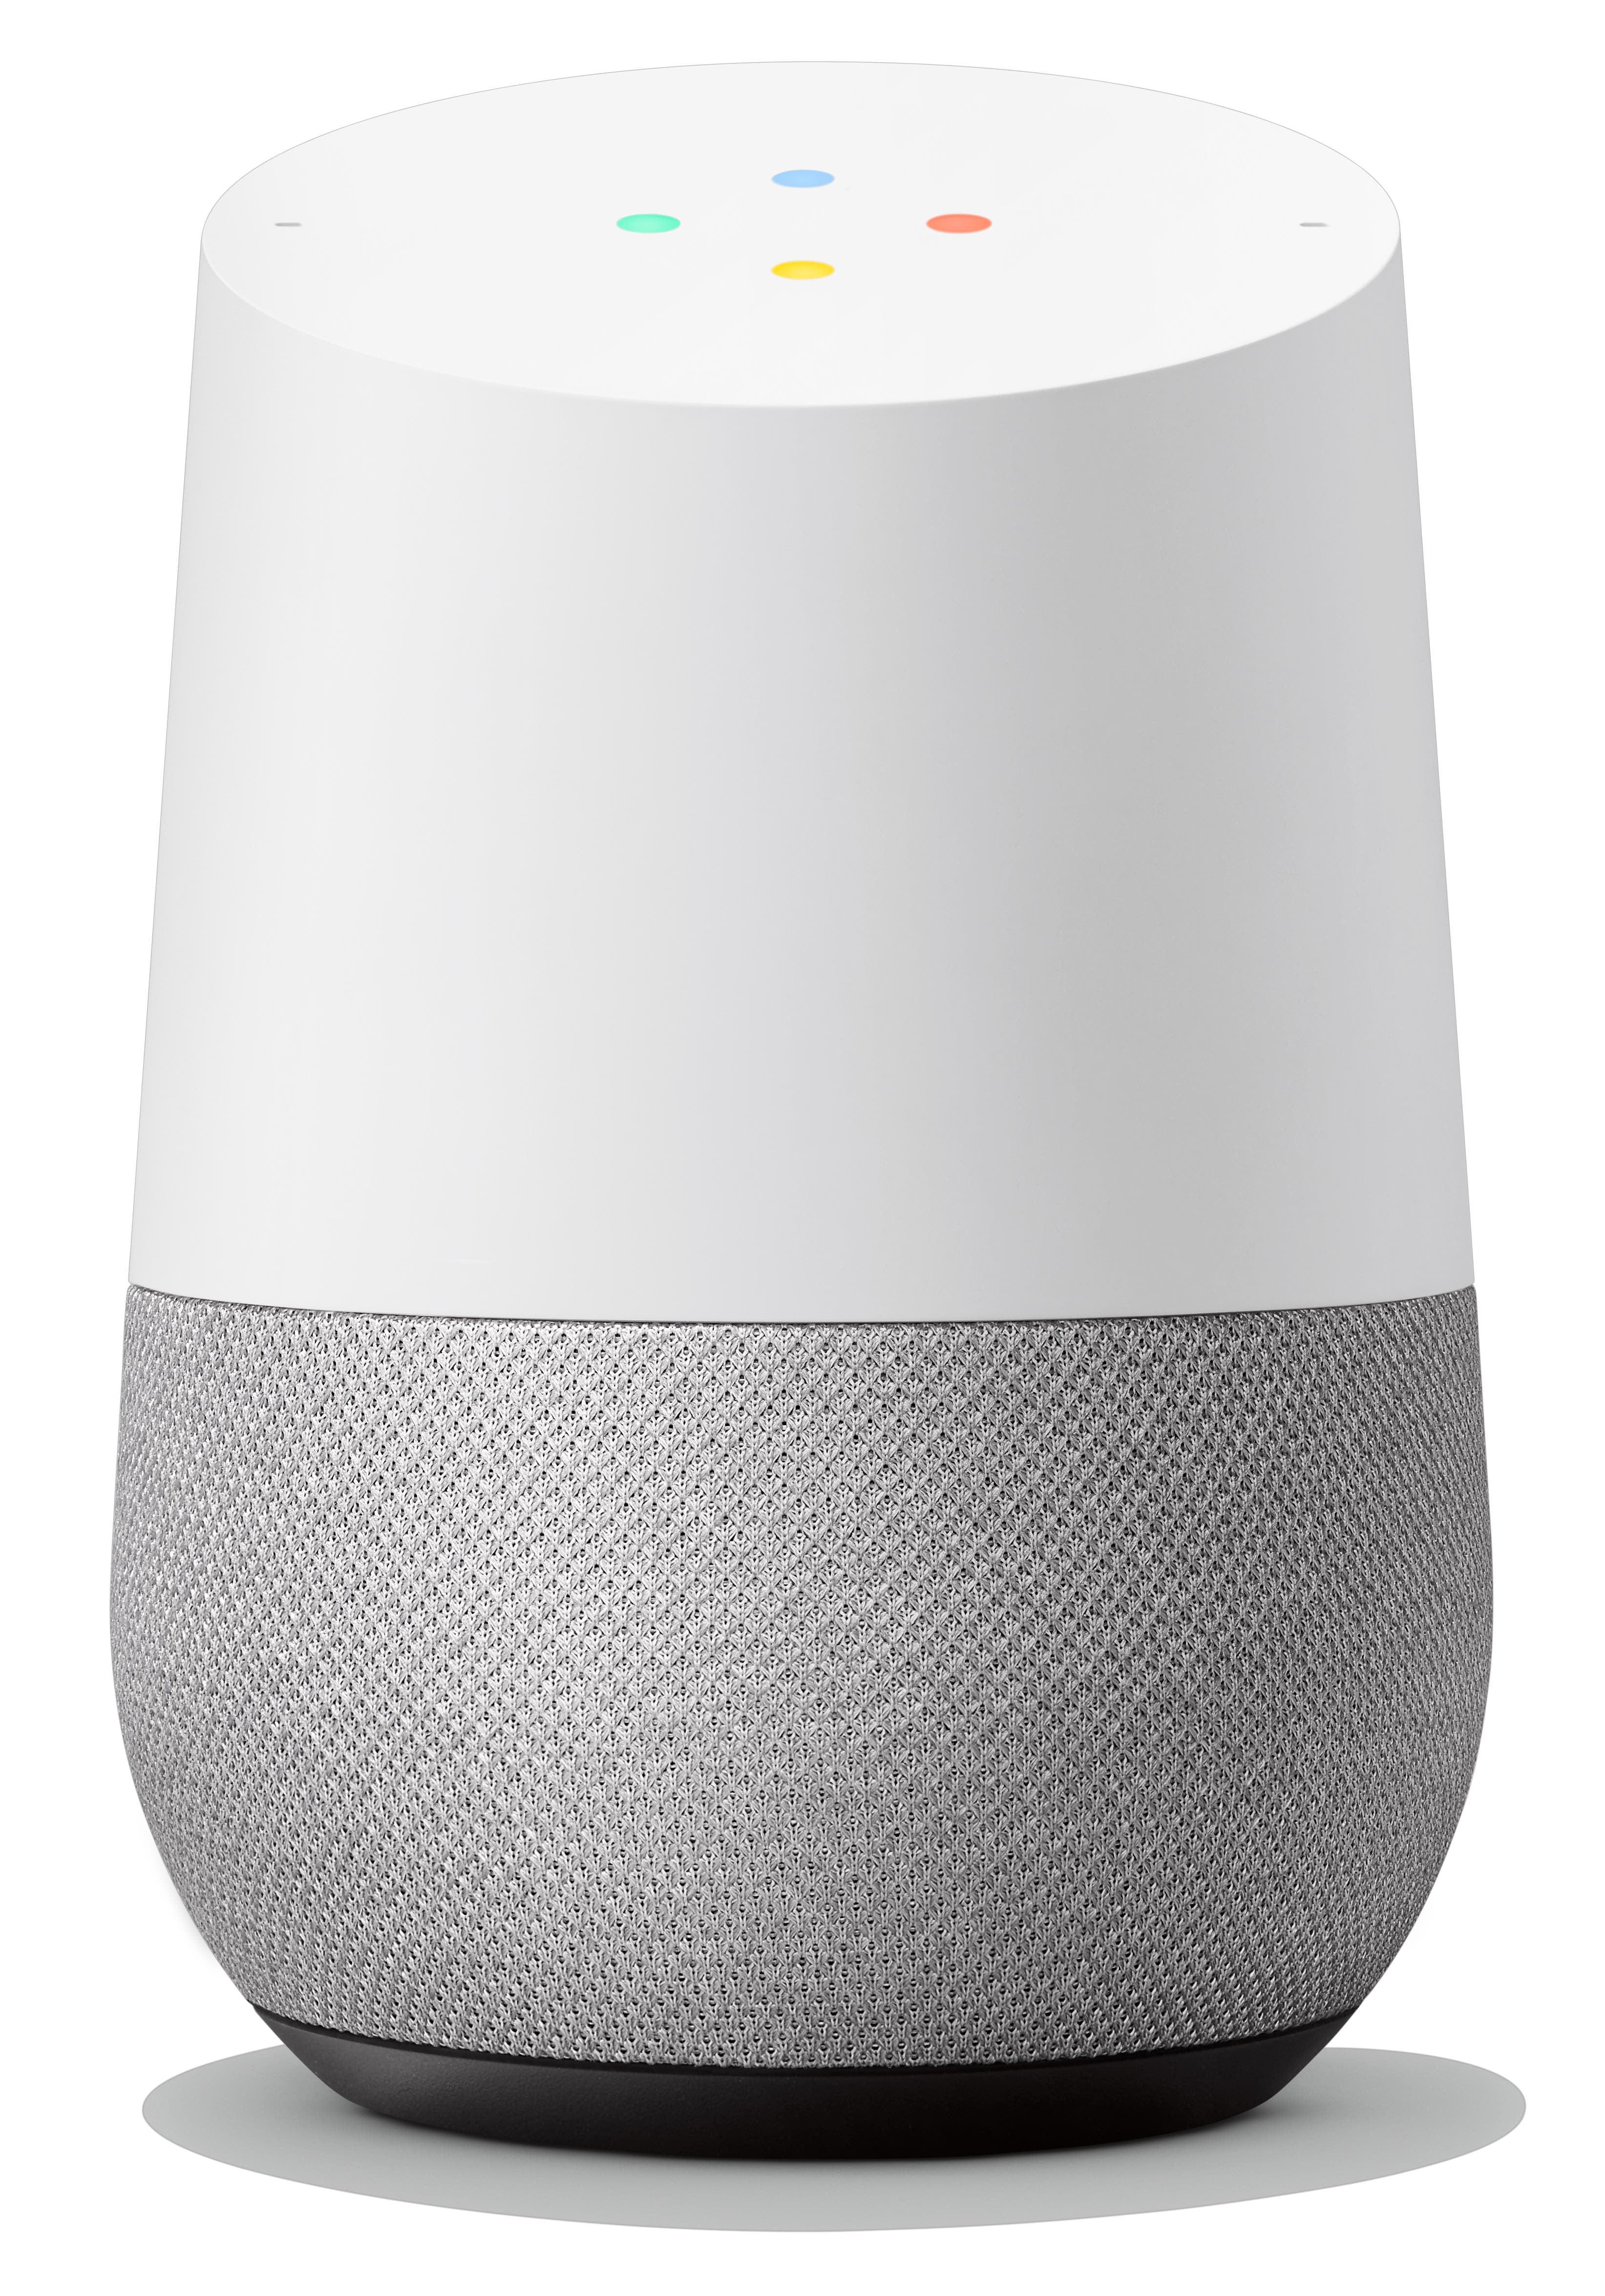 Google Home - Smart Speaker & Google Assistant, Light Grey & White